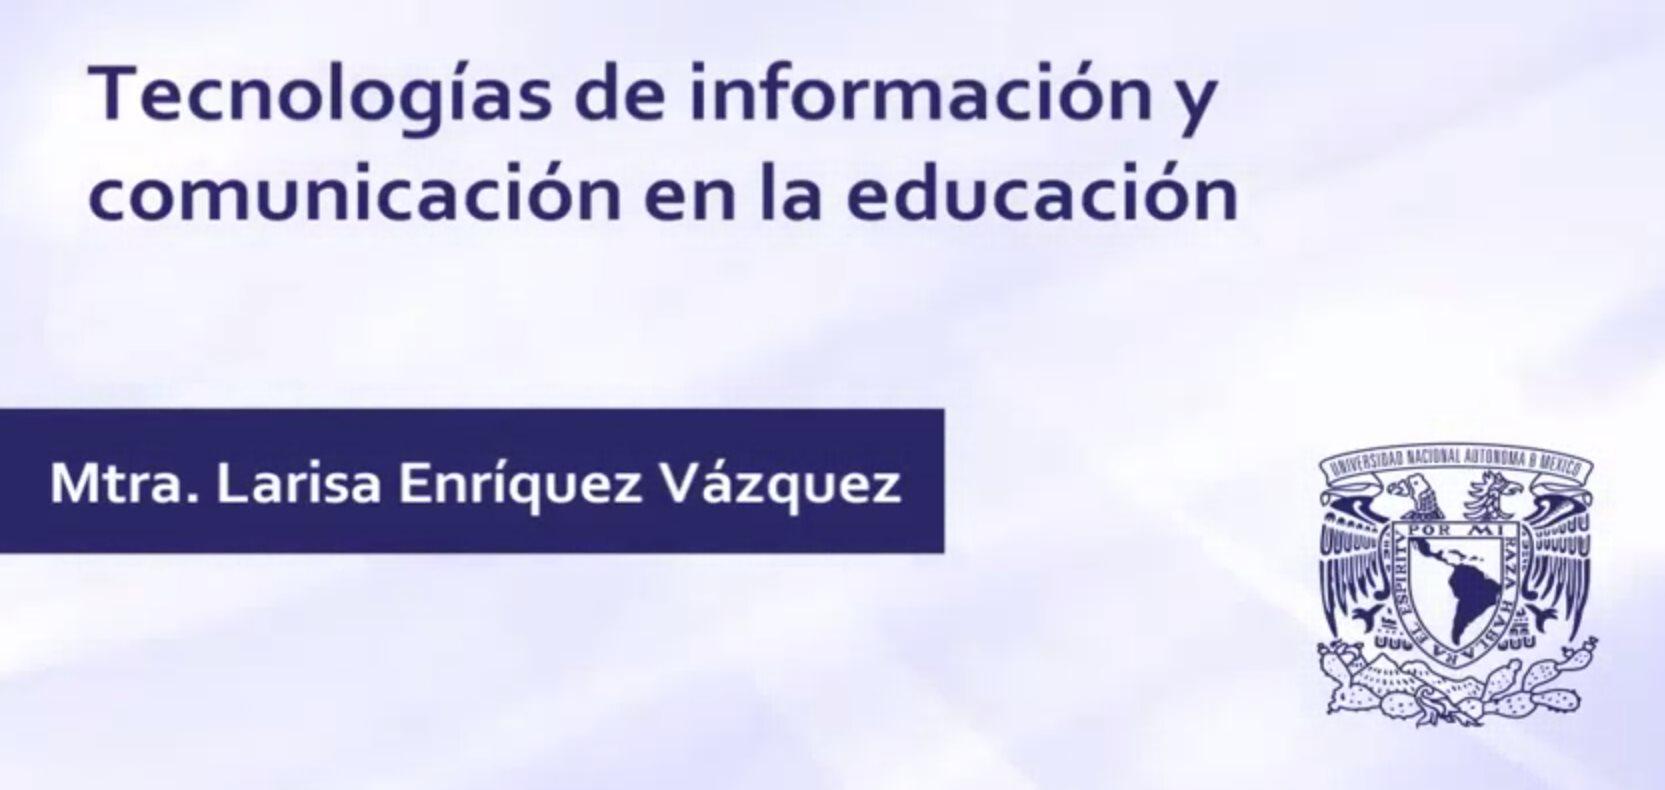 Los cursos online gratuitos en español que empiezan la semana que viene